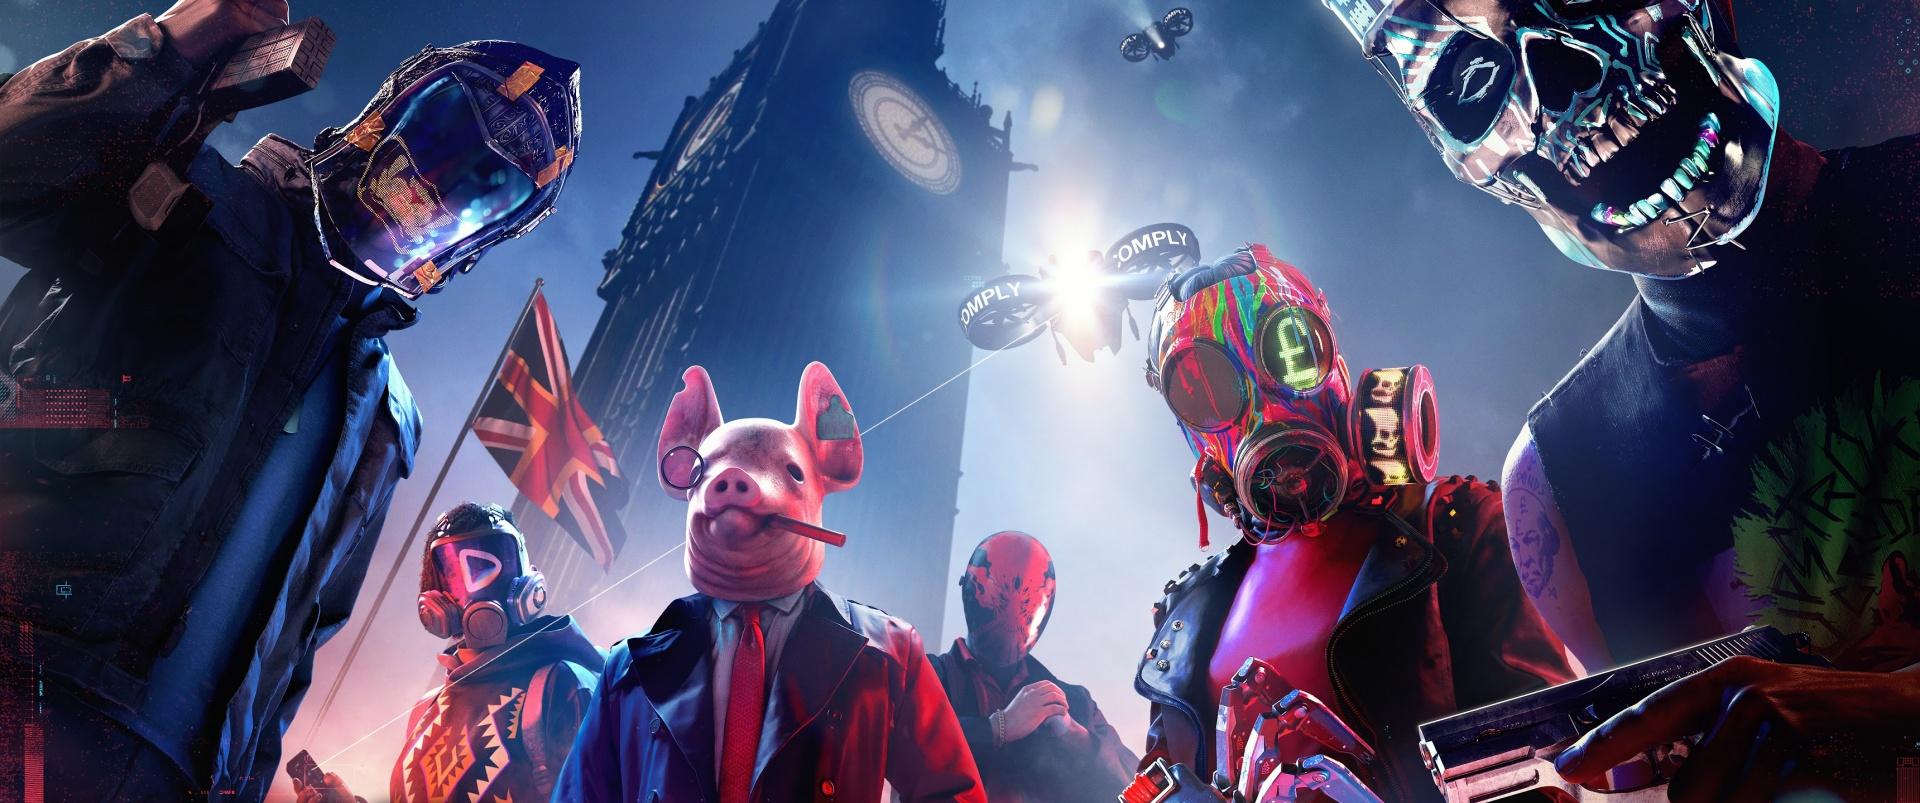 Музыканты раскритиковали музыкальный конкурс Ubisoft по Watch Dogs Legion